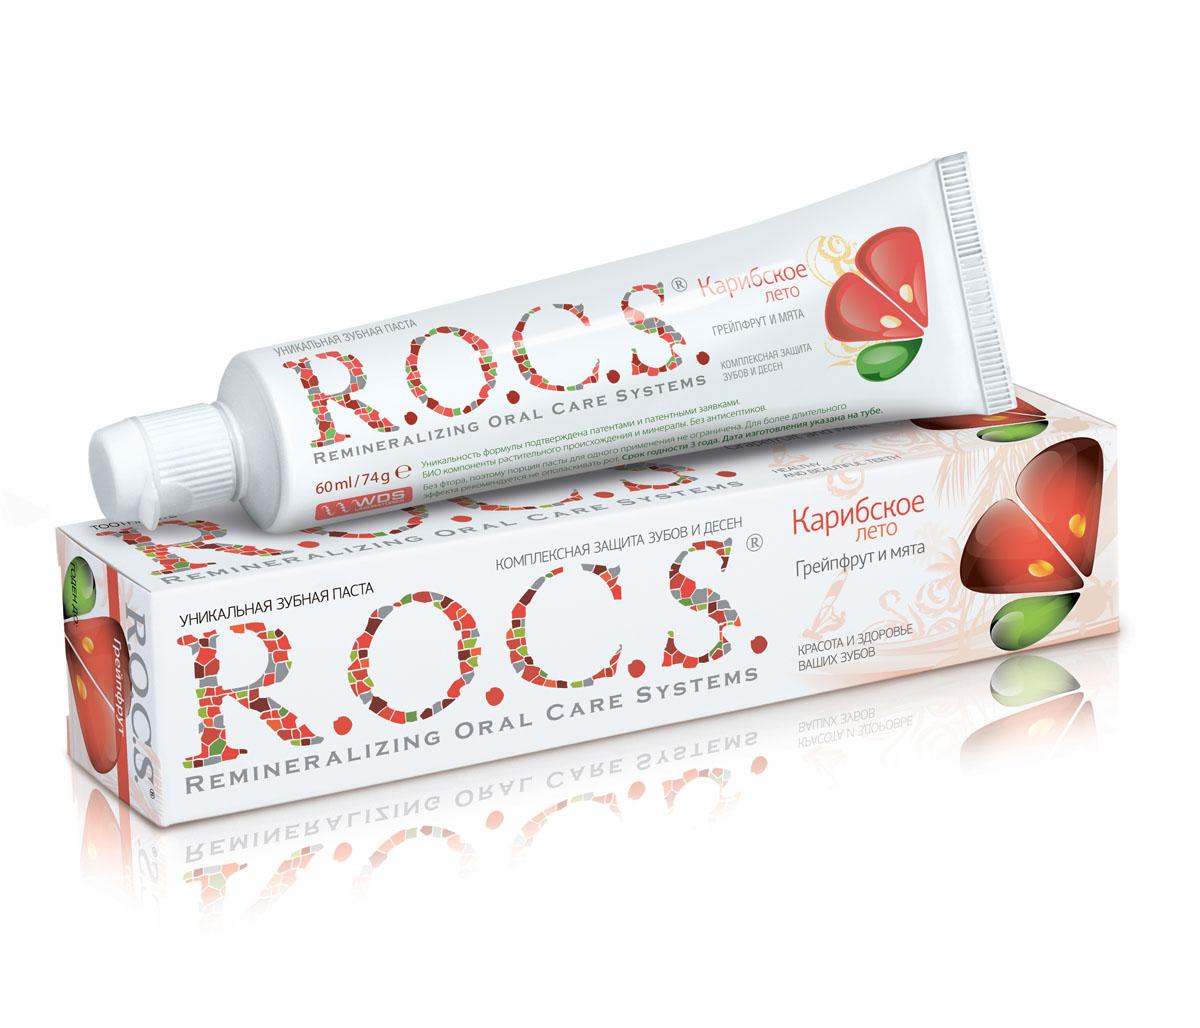 Зубная паста R.O.C.S. Грейпфрут и мята, 74 г4310-501118Уникальная зубная паста R.O.C.S. Грейпфрут и мята - комплексная защита зубов и десен. Значительное количество ингредиентов зубной пасты попадает в кровь через слизистую оболочку полости рта в момент чистки зубов. Вот почему так важно, чтобы паста была безопасной. Запатентованная формула R.O.C.S. содержи био-компоненты растительного происхождения, активность которых сохраняется благодаря применяемой низкотемпературной технологии приготовления зубной пасты.Высокая эффективность R.O.C.S. подтверждена клиническими исследованиями: Защищает от кариеса и нормализует состав микрофлоры полости рта;Возвращает белизну и блеск эмали за счет действия ферментативной системы в сочетании с минеральным комплексом;Устраняет кровоточивость и воспаление десен без применения антисептиков. Характеристики: Вес: 74 г. Производитель: Россия. Артикул: 70548. Товар сертифицирован.